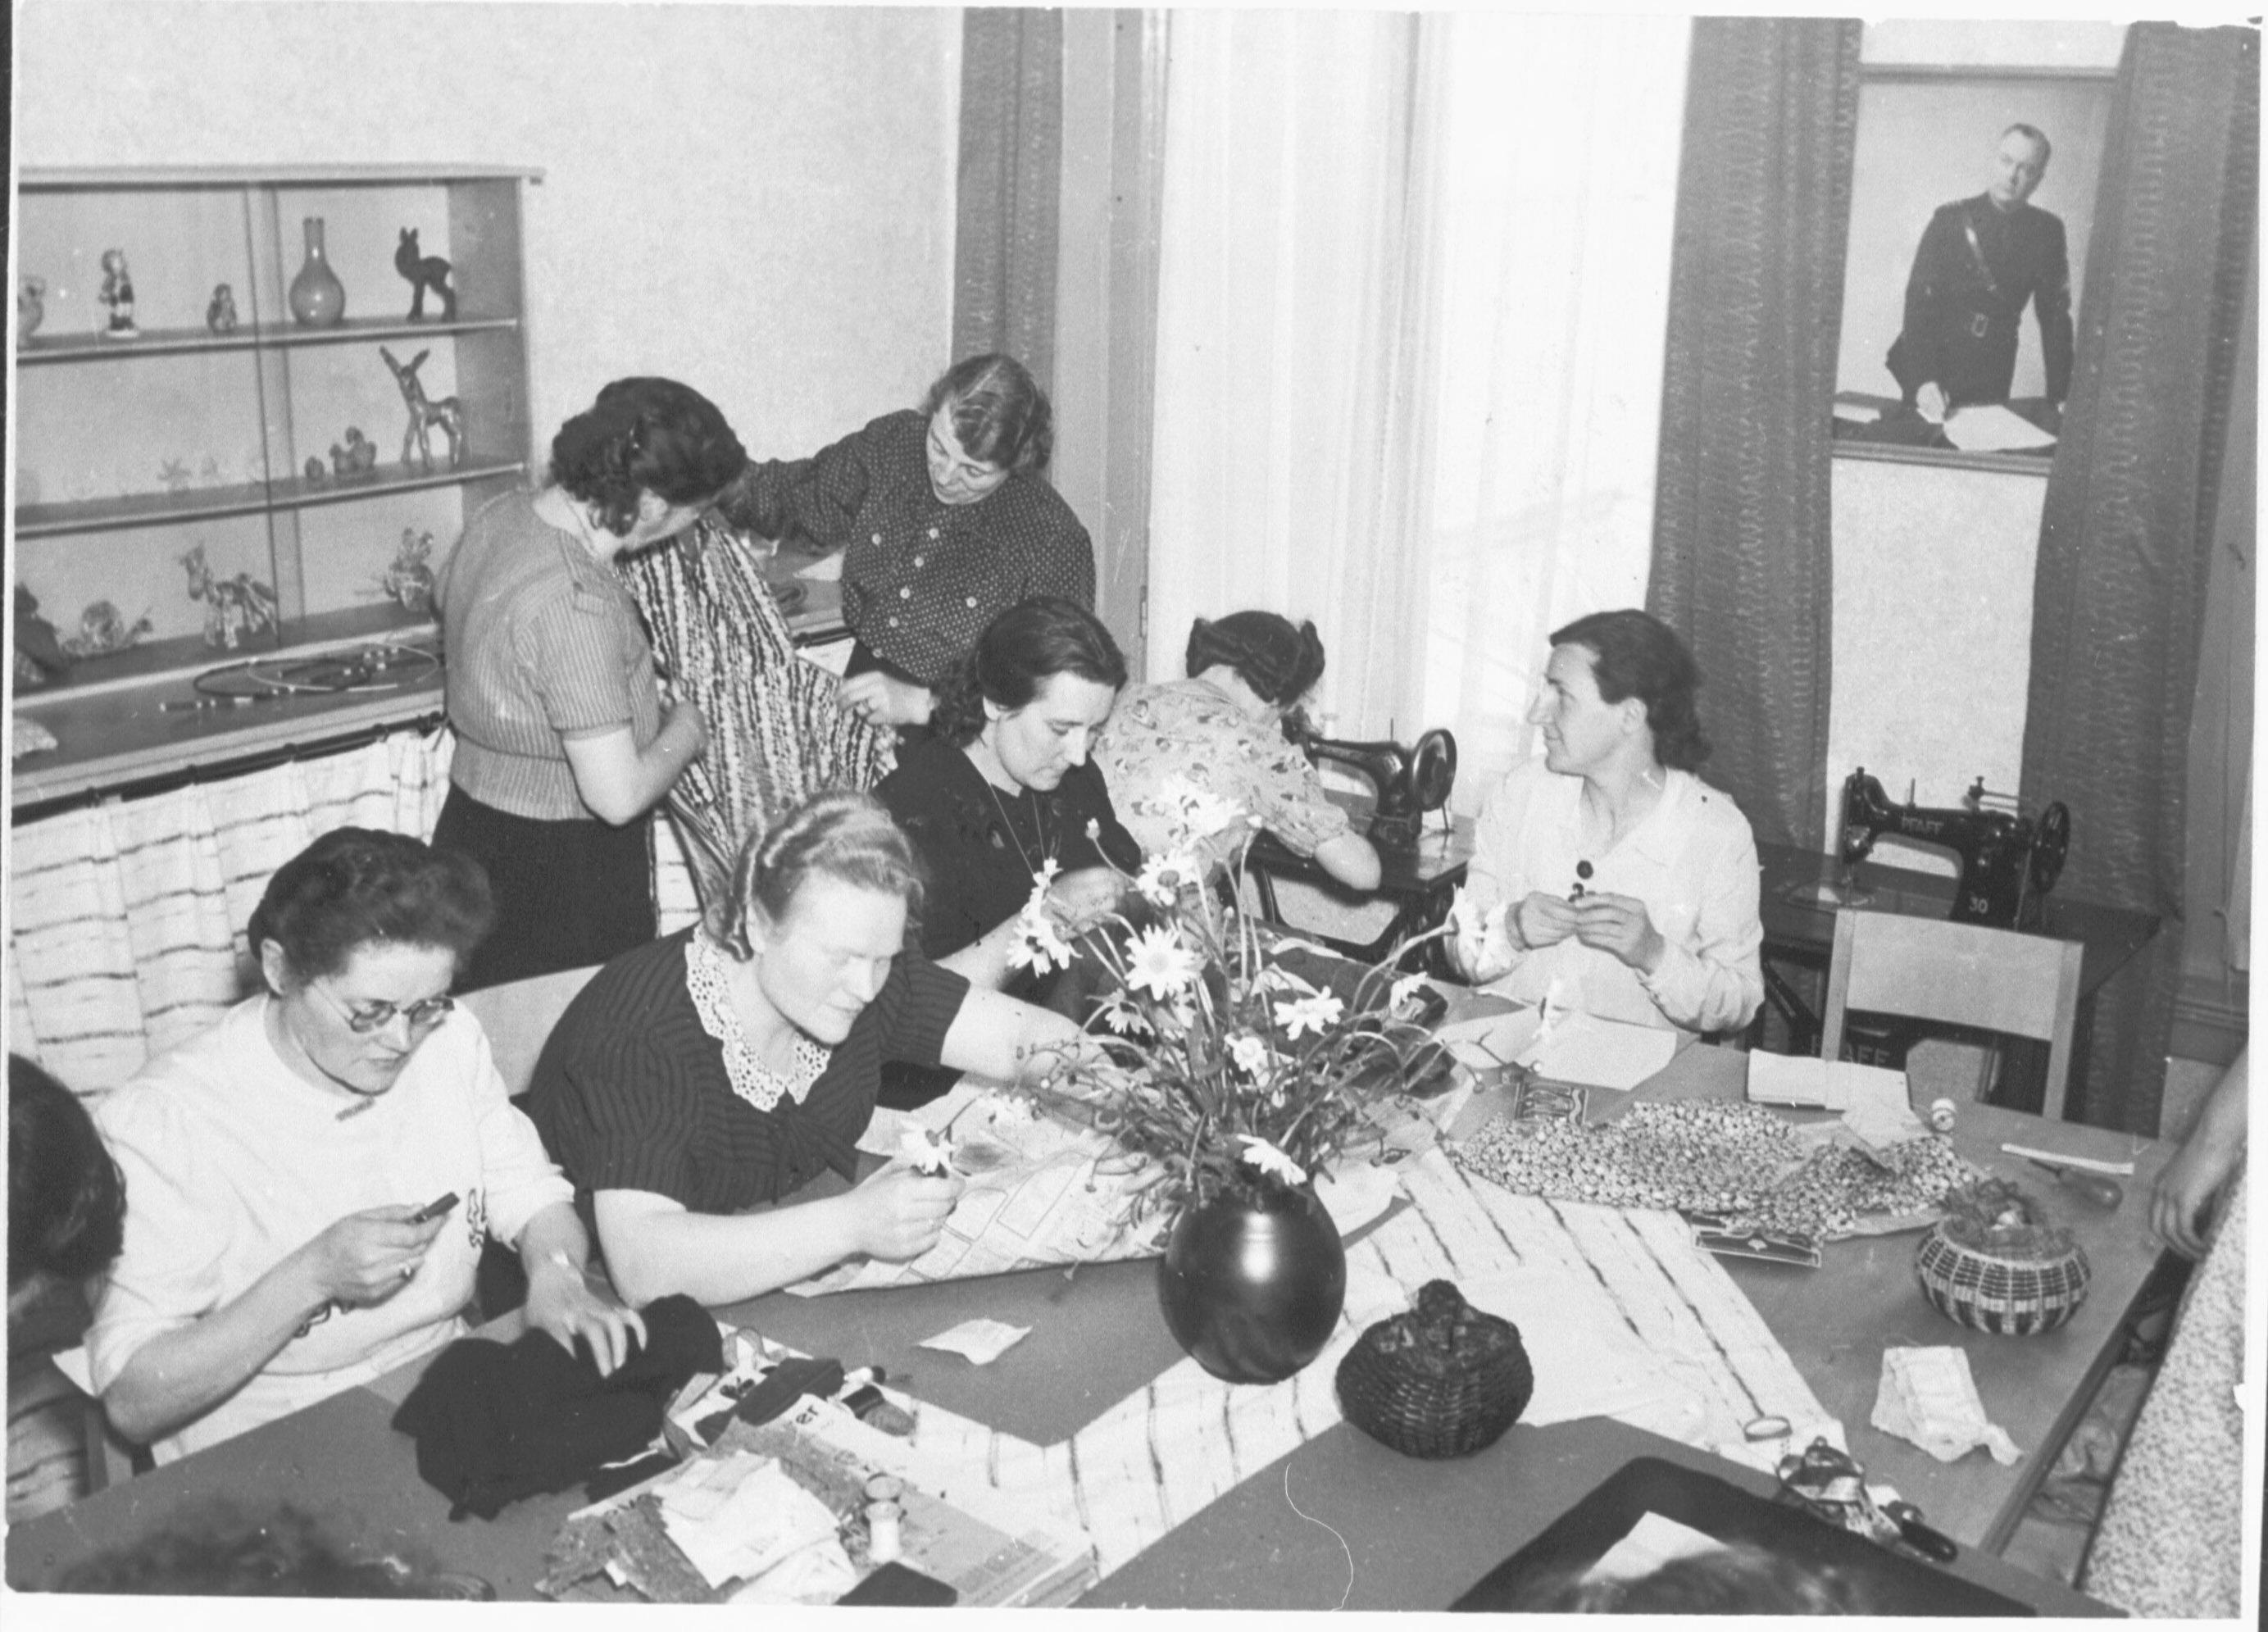 Eerste Moederschool in Arnhem, geopend op 2 mei 1942. Vrouwen tijdens een naai- en verstelmiddag om van oude kledingstukken nieuwe te maken.